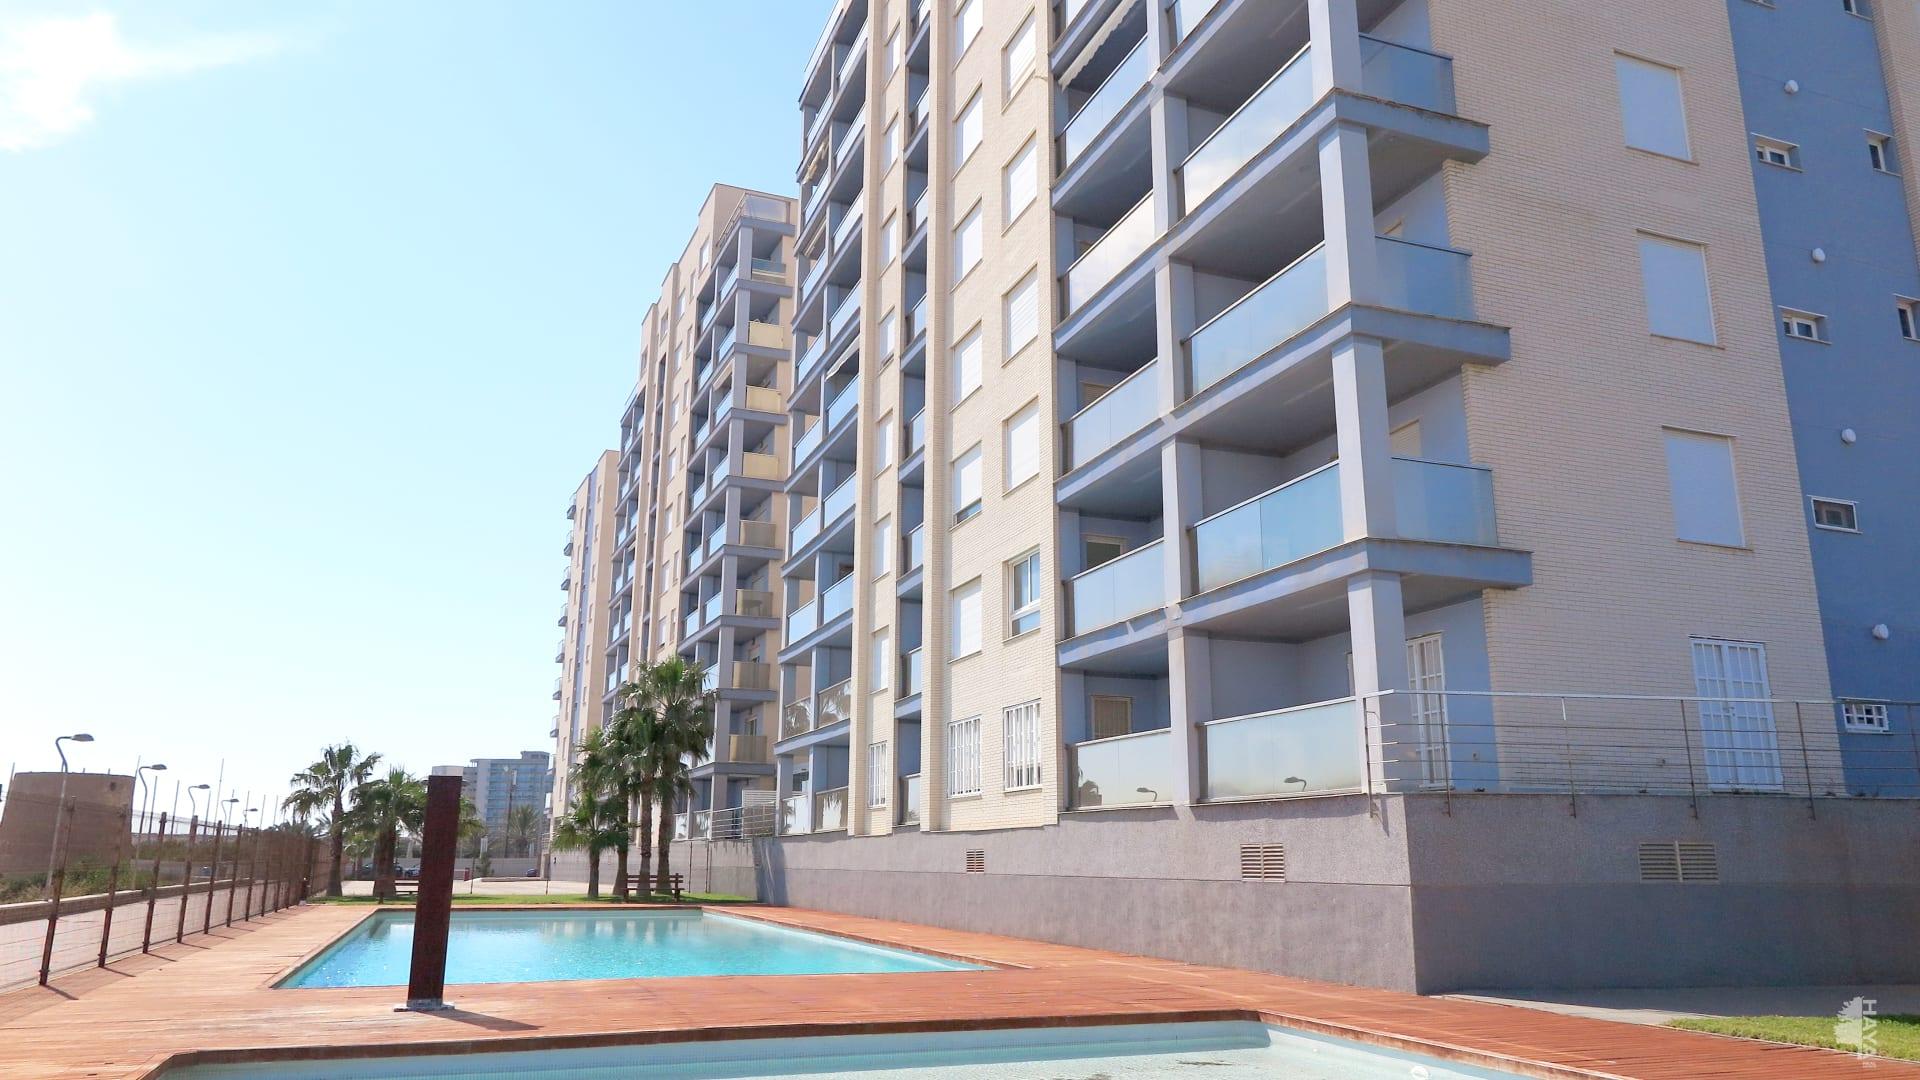 Piso en venta en San Javier, Murcia, Calle Prolongación Pol F. Conj Resid. Veneziola Golf Ii, 131.000 €, 3 habitaciones, 2 baños, 70 m2